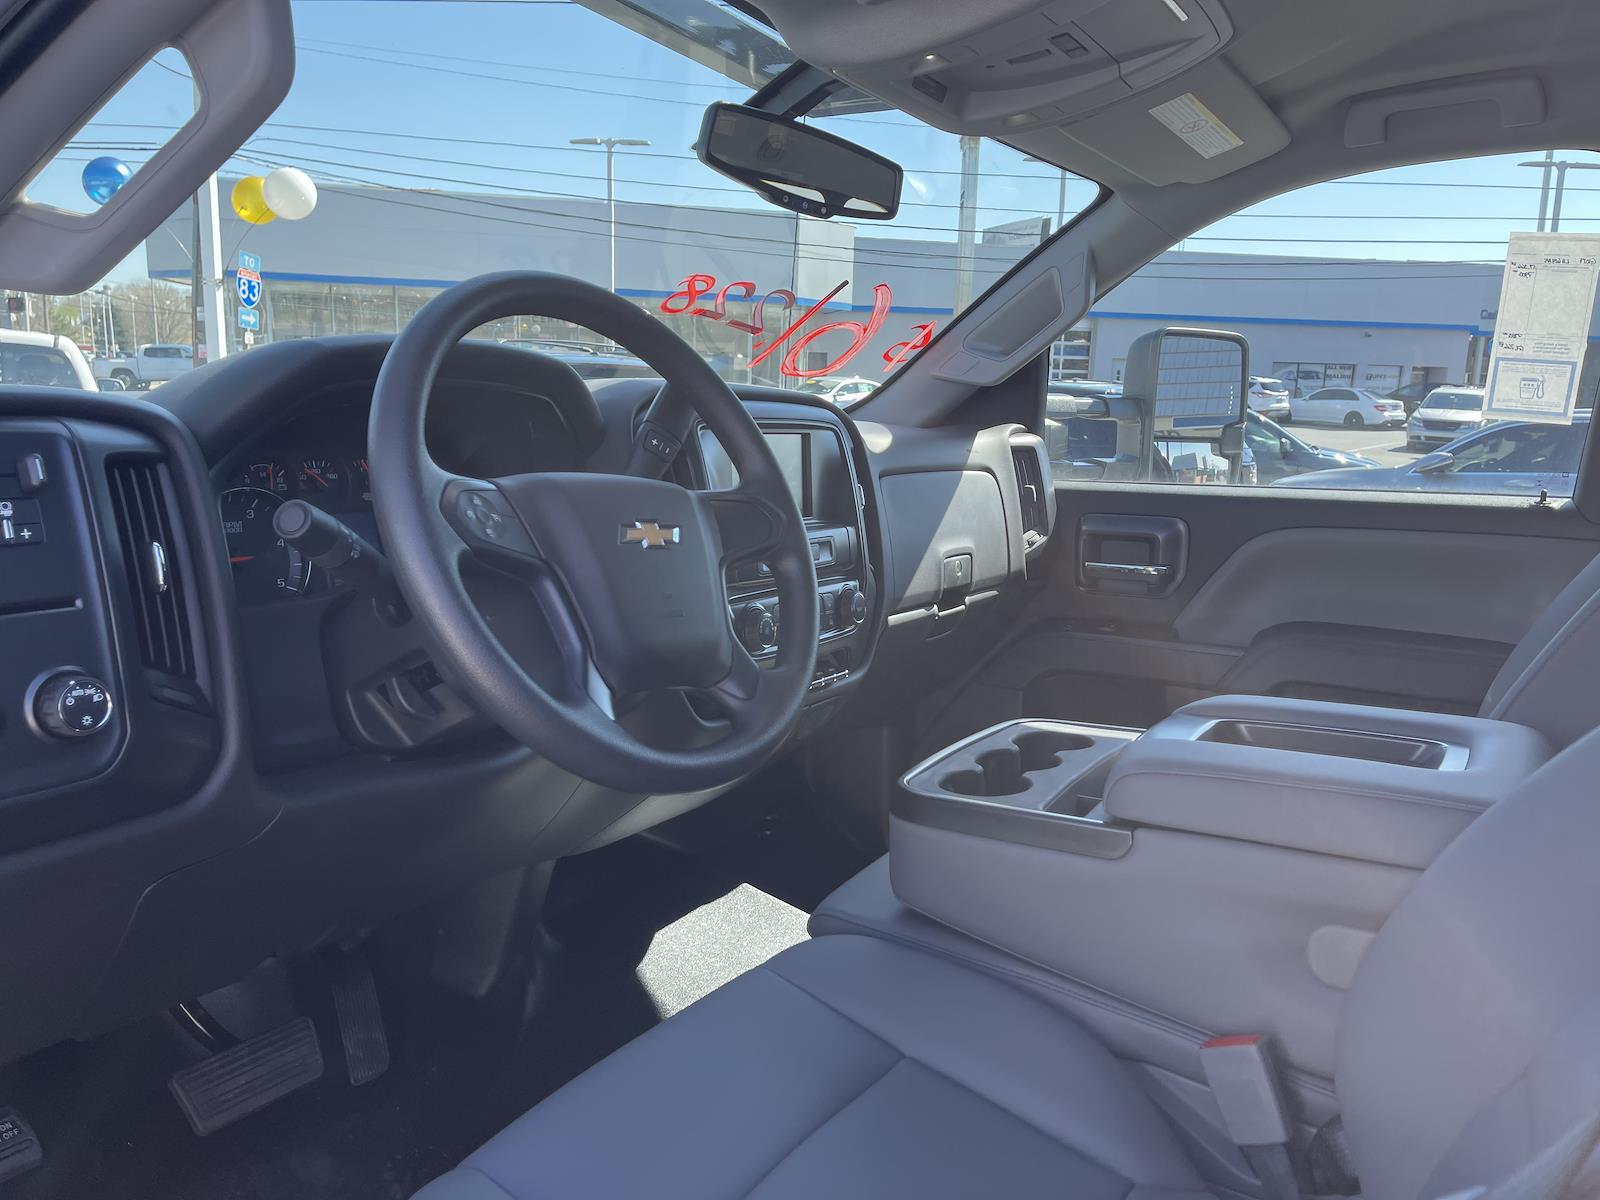 2020 Chevrolet Silverado 4500 Regular Cab DRW 4x2, Contractor Body #205978 - photo 8